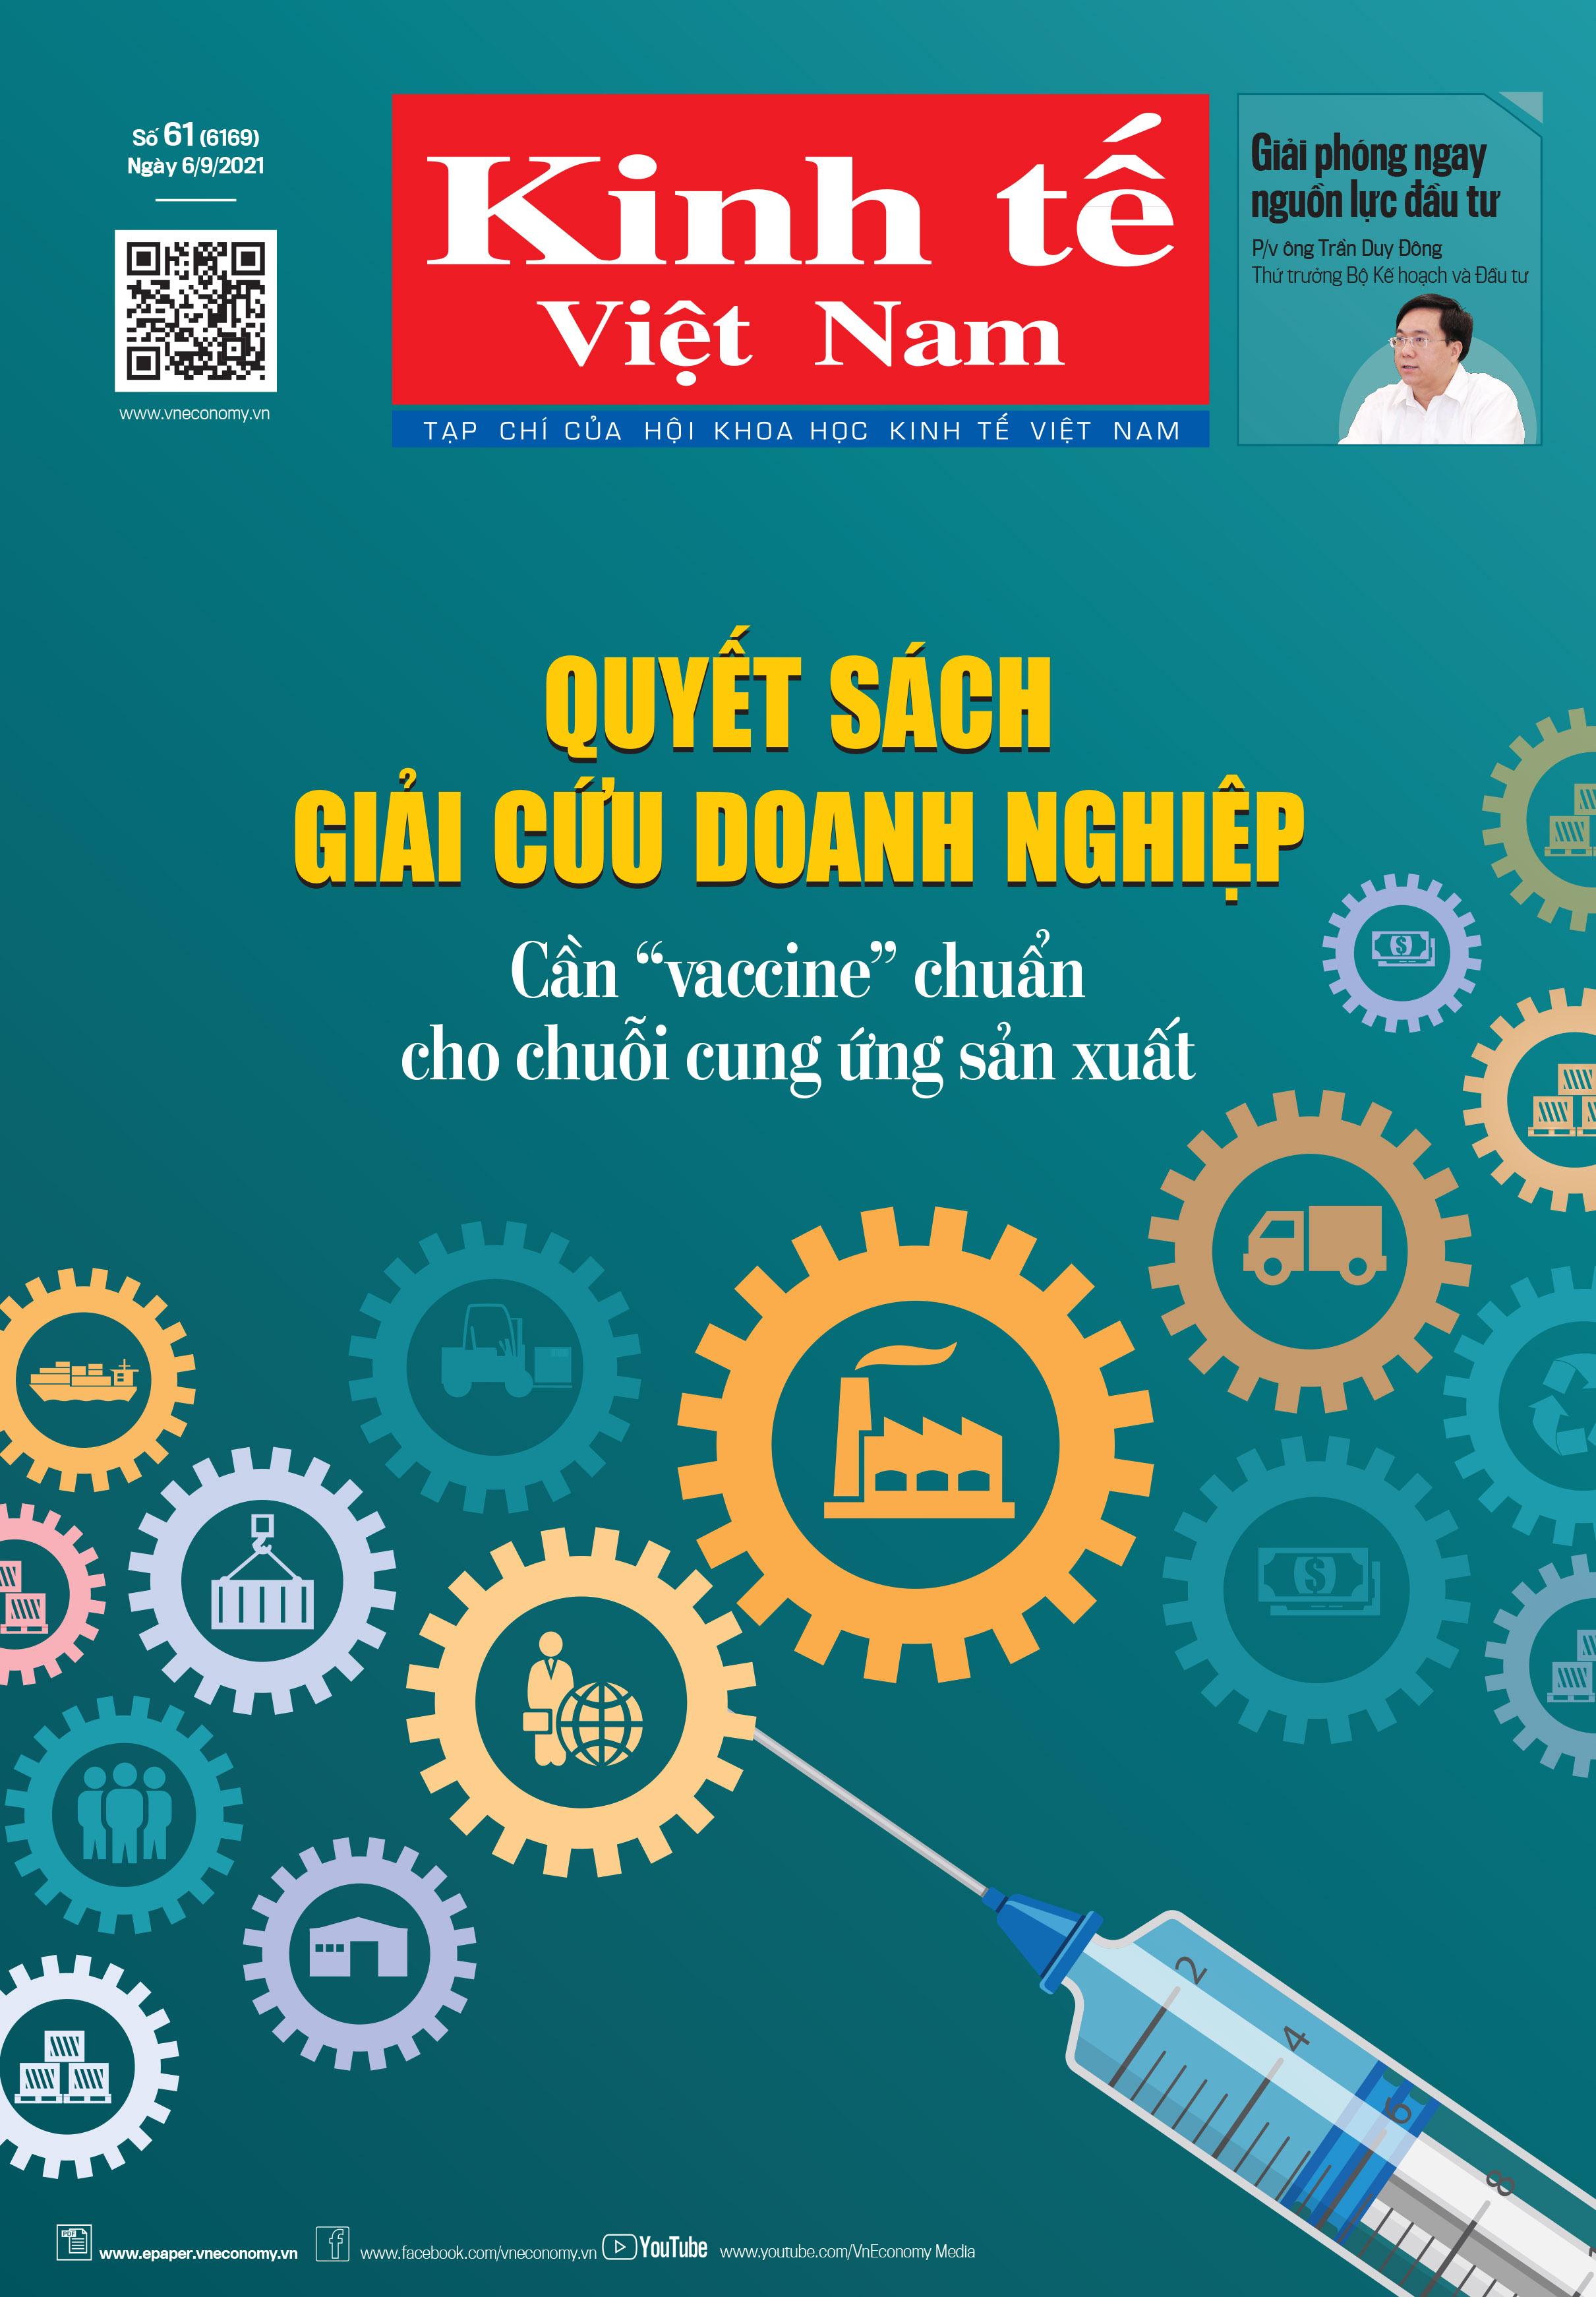 Kinh tế Việt Nam bộ mới số 61-2021.